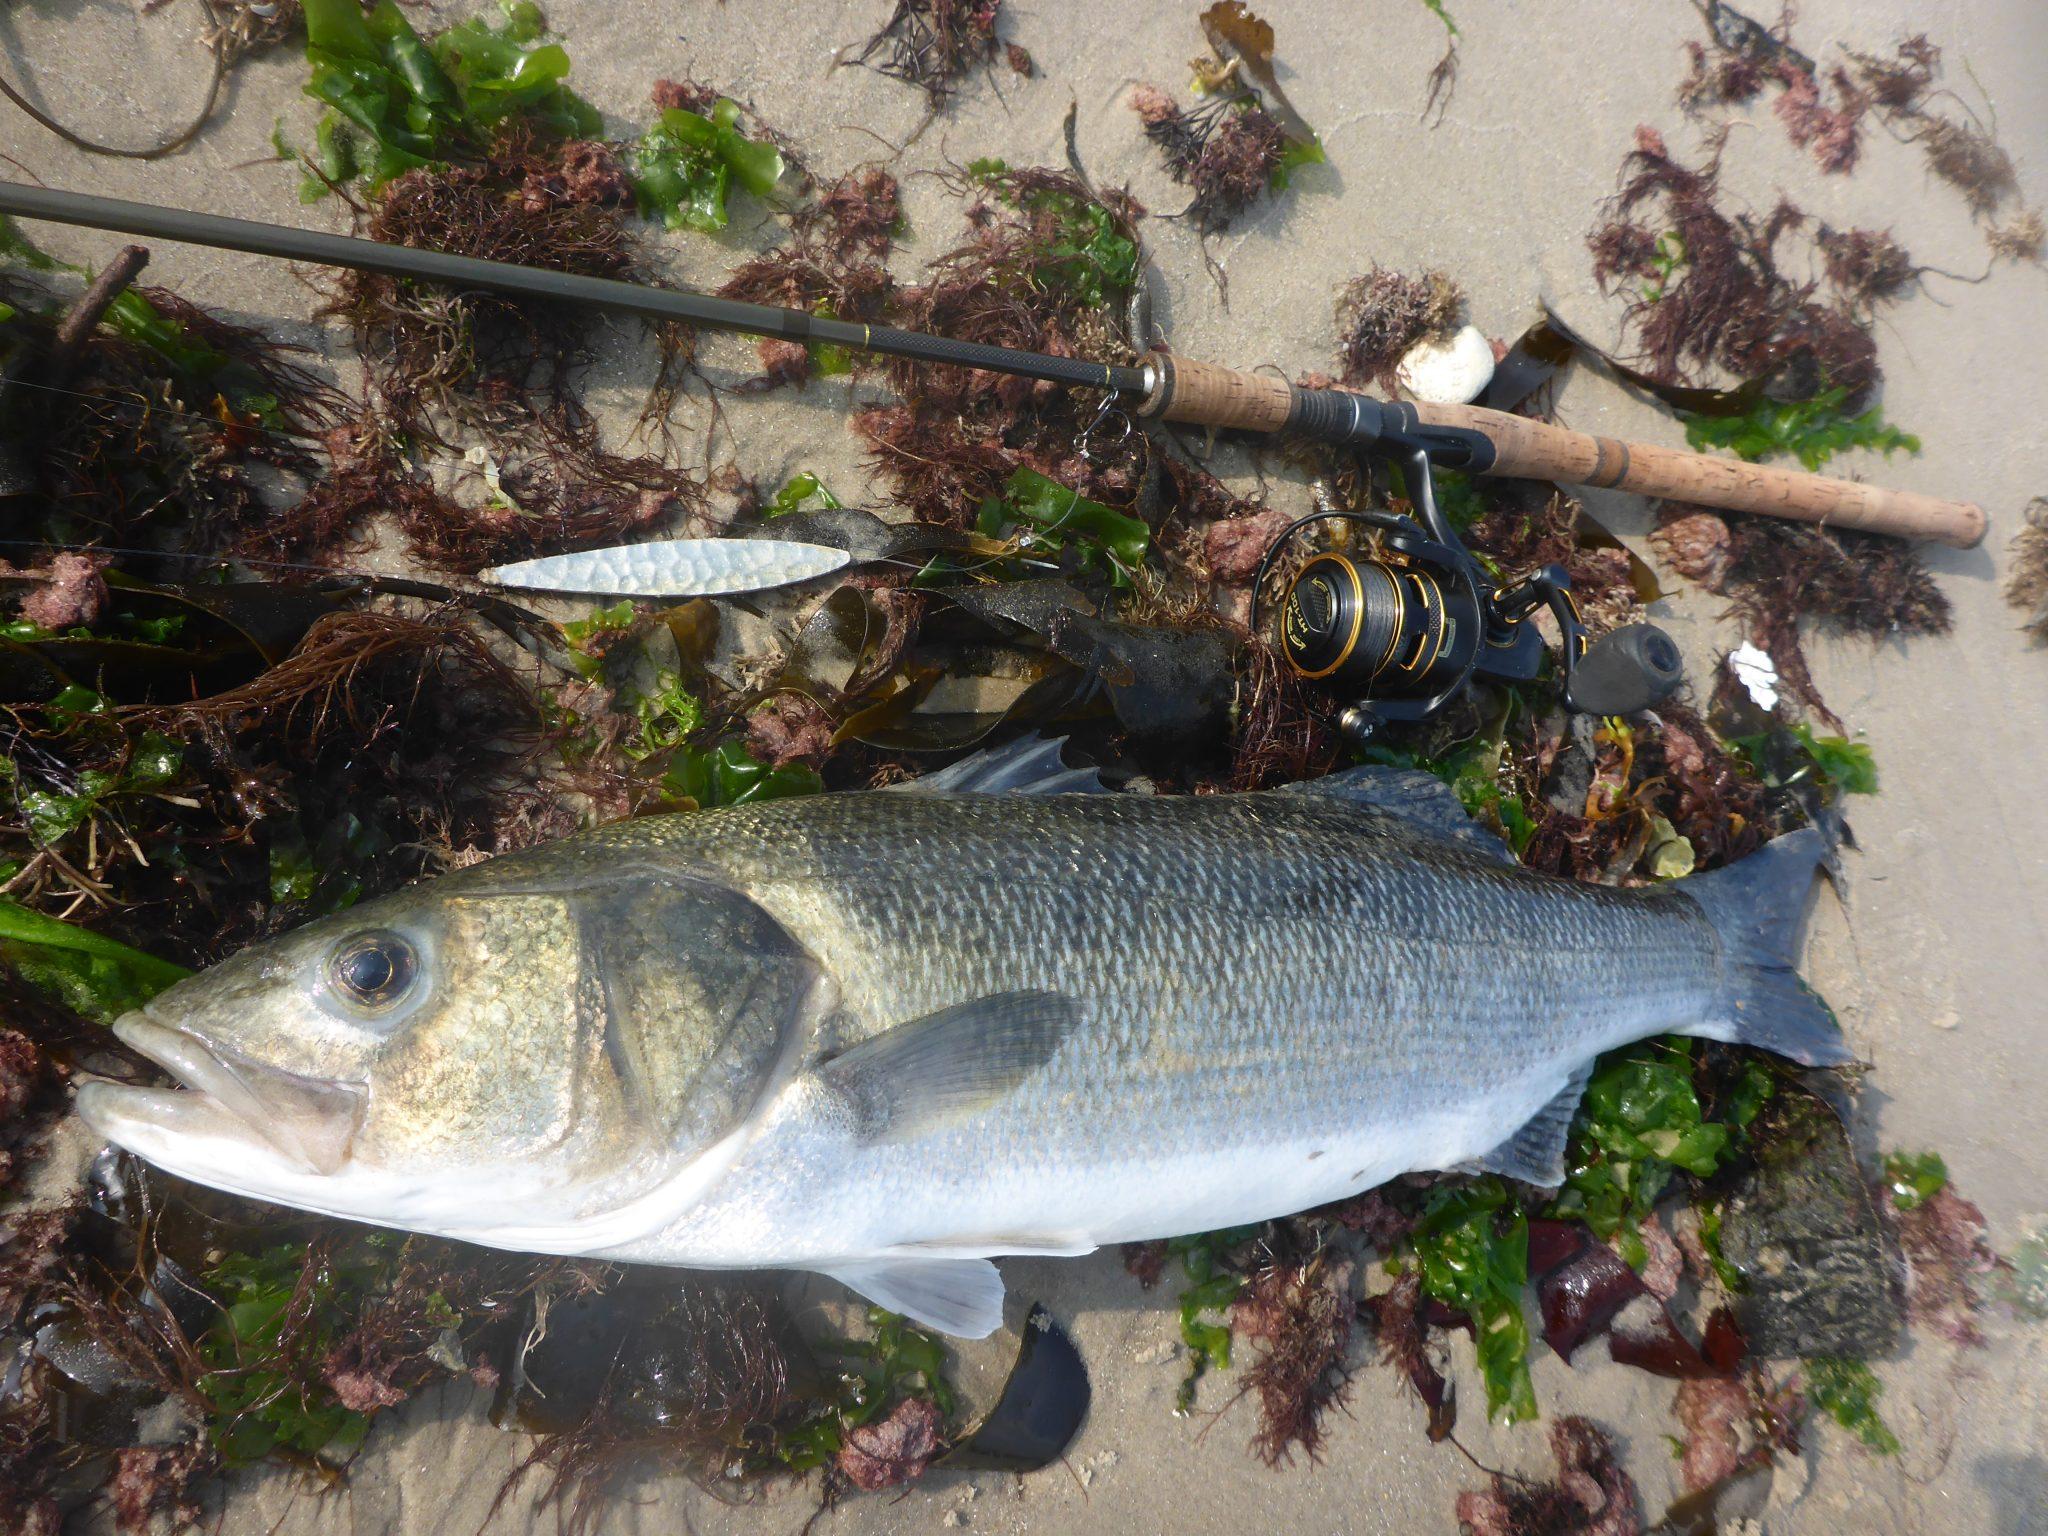 Lystfiskeri efter havbars nær Skagen bliver mere og mere populært.